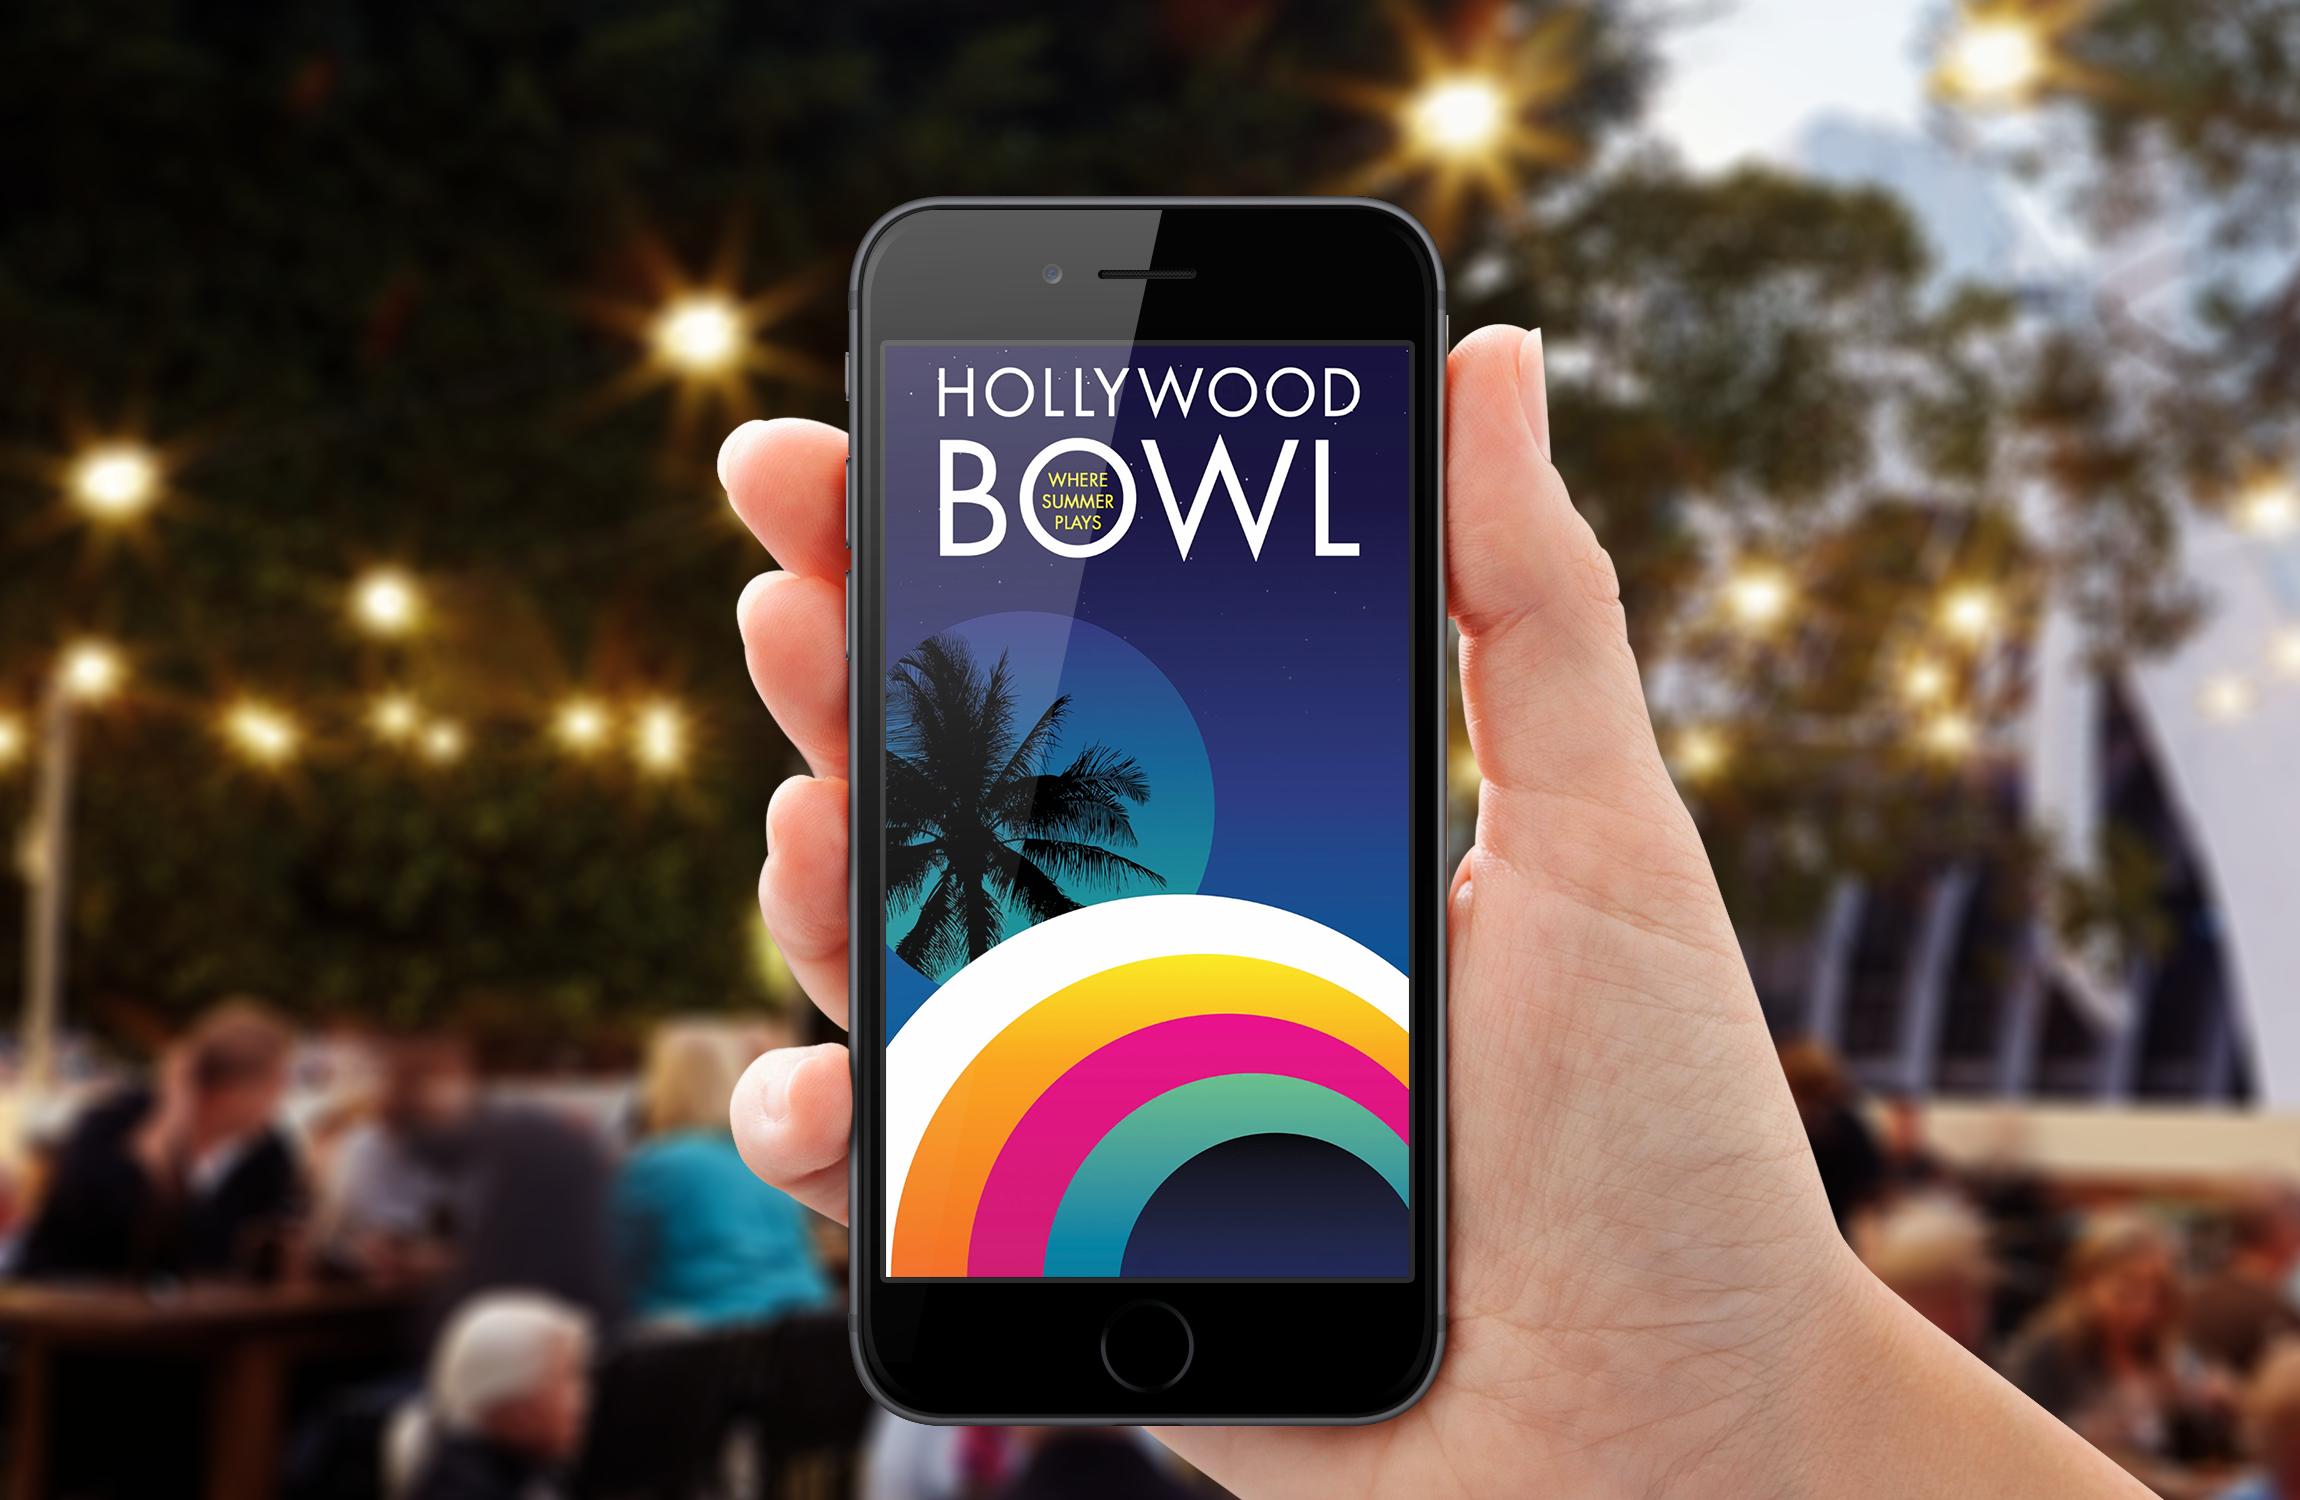 Hollywood Bowl App